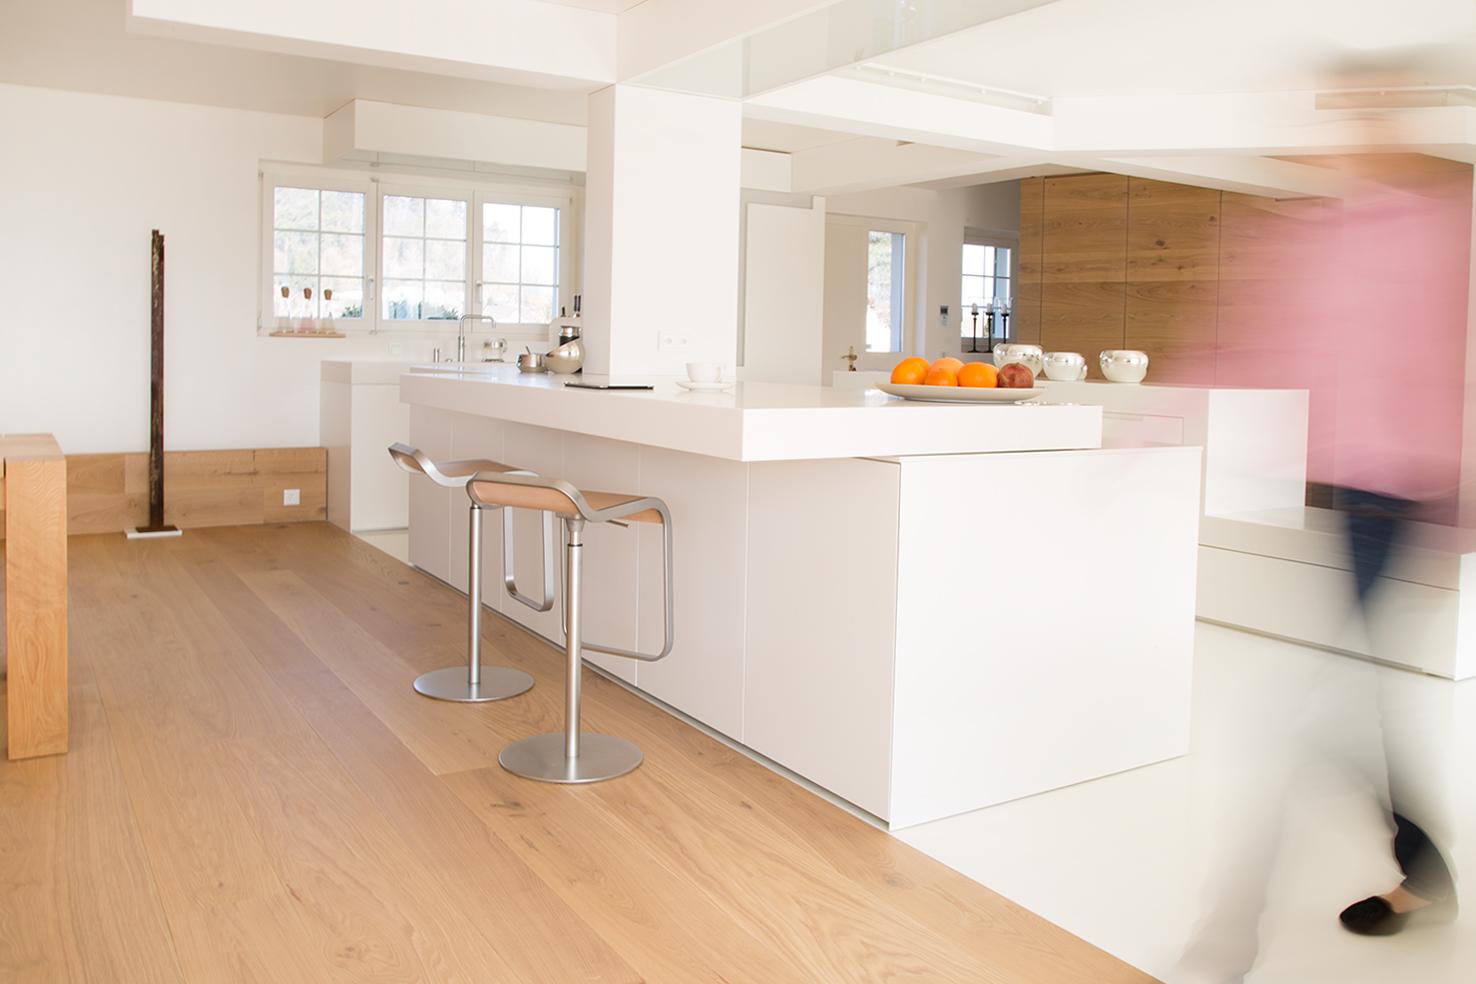 uppergrade-immobilienmarketing-house-of-property23.jpg